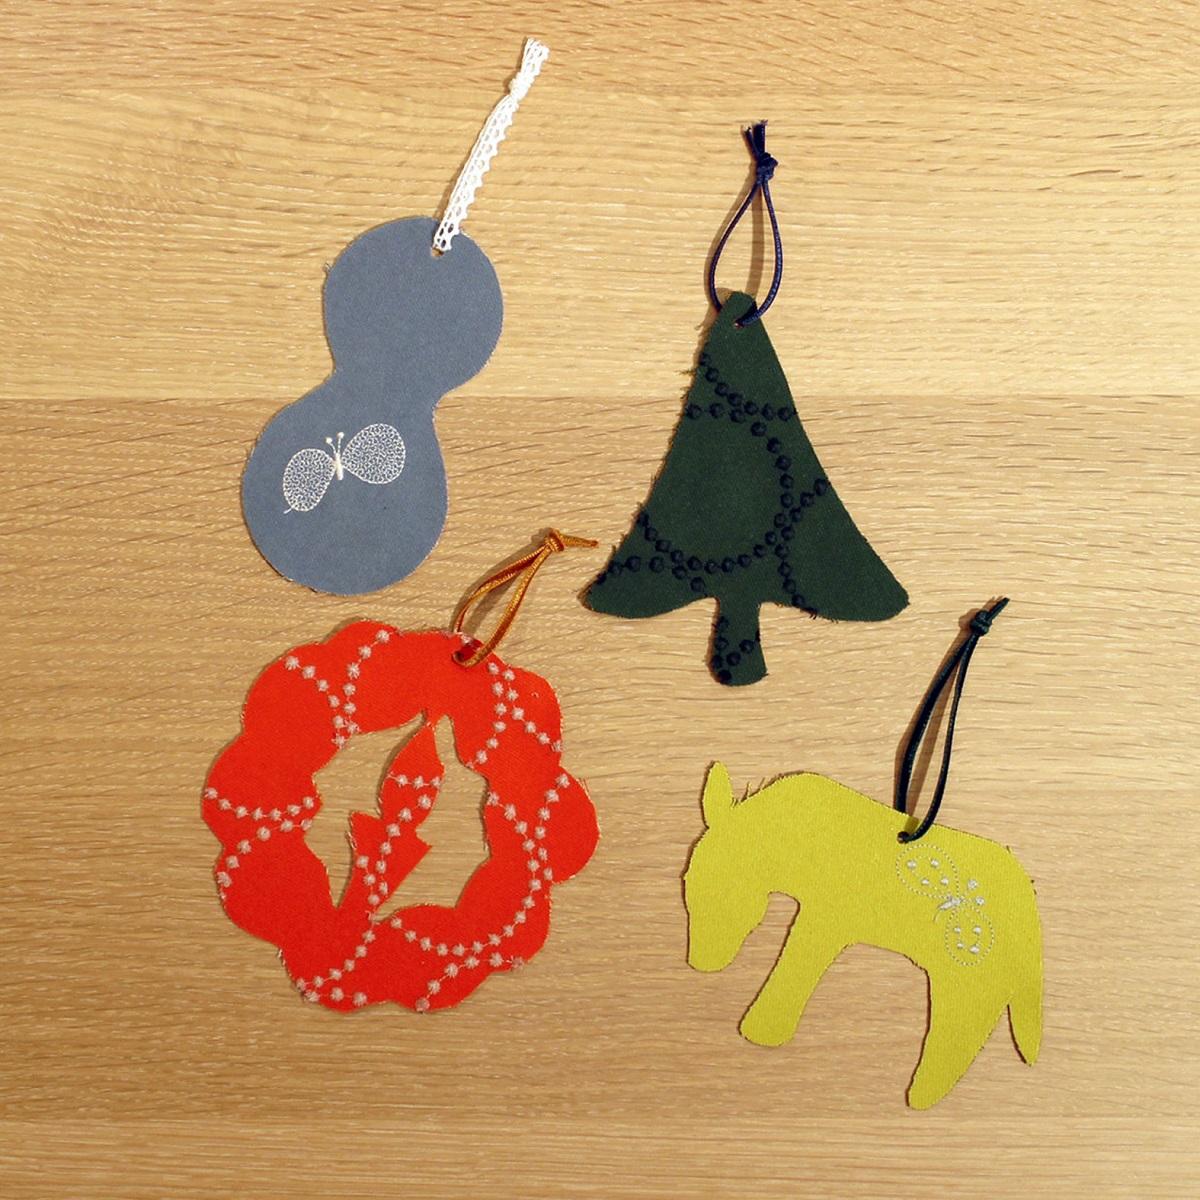 """〈マルニ木工〉で〈ミナ ペルホネン〉""""dop""""の余り布でつくるクリスマスオーナメントワークショップ開催!"""